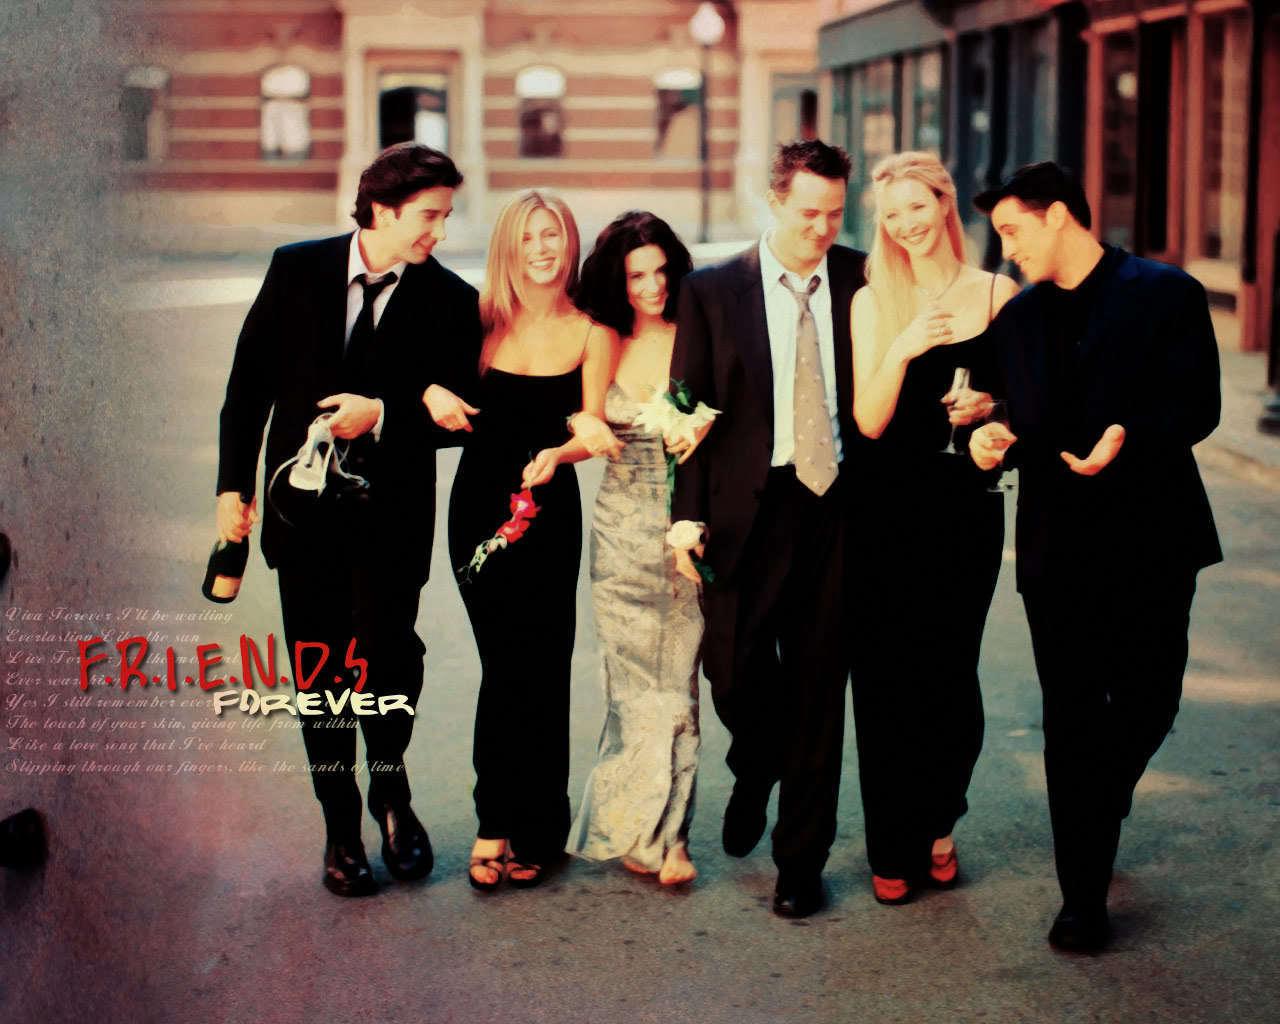 friends   sayfa 11   uluda szlk 1280x1024